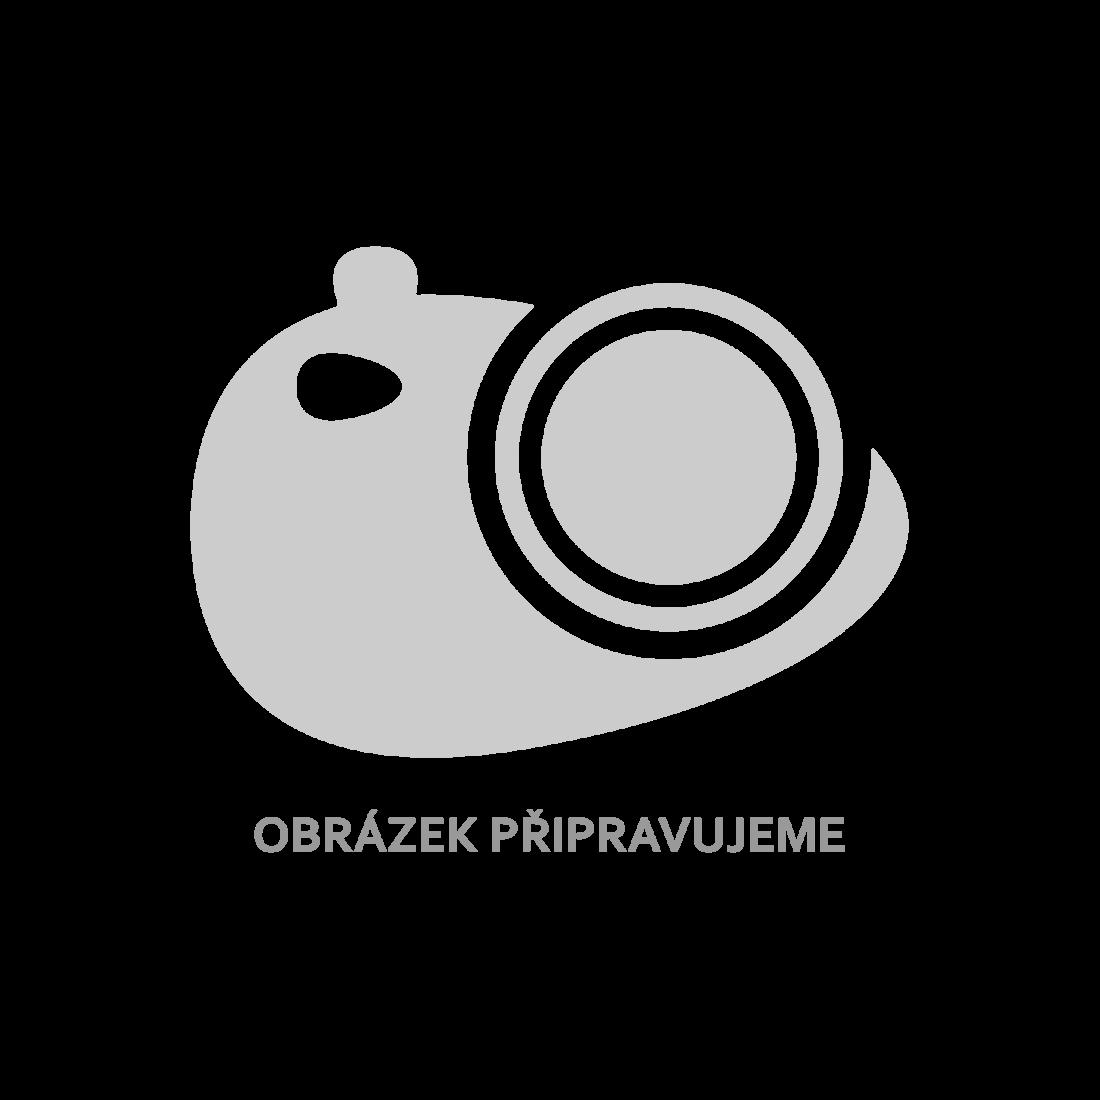 vidaXL Psací stůl 110 x 50 x 75 cm masivní akáciové dřevo živé hrany [323523]